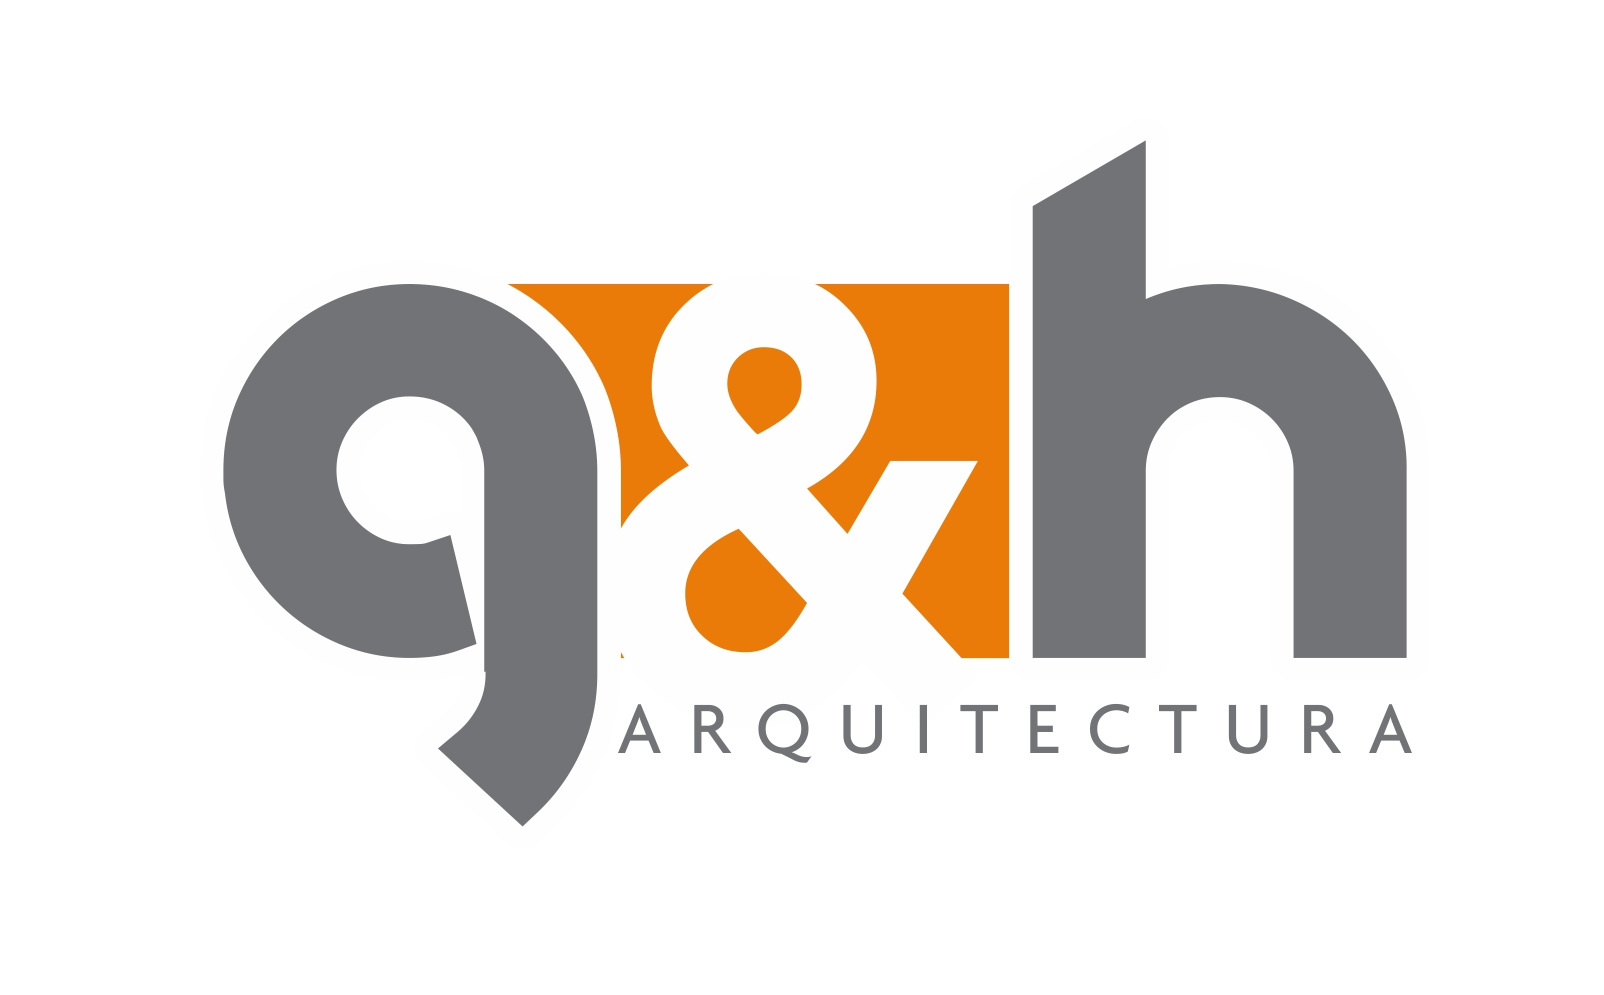 G&h Arquitectura